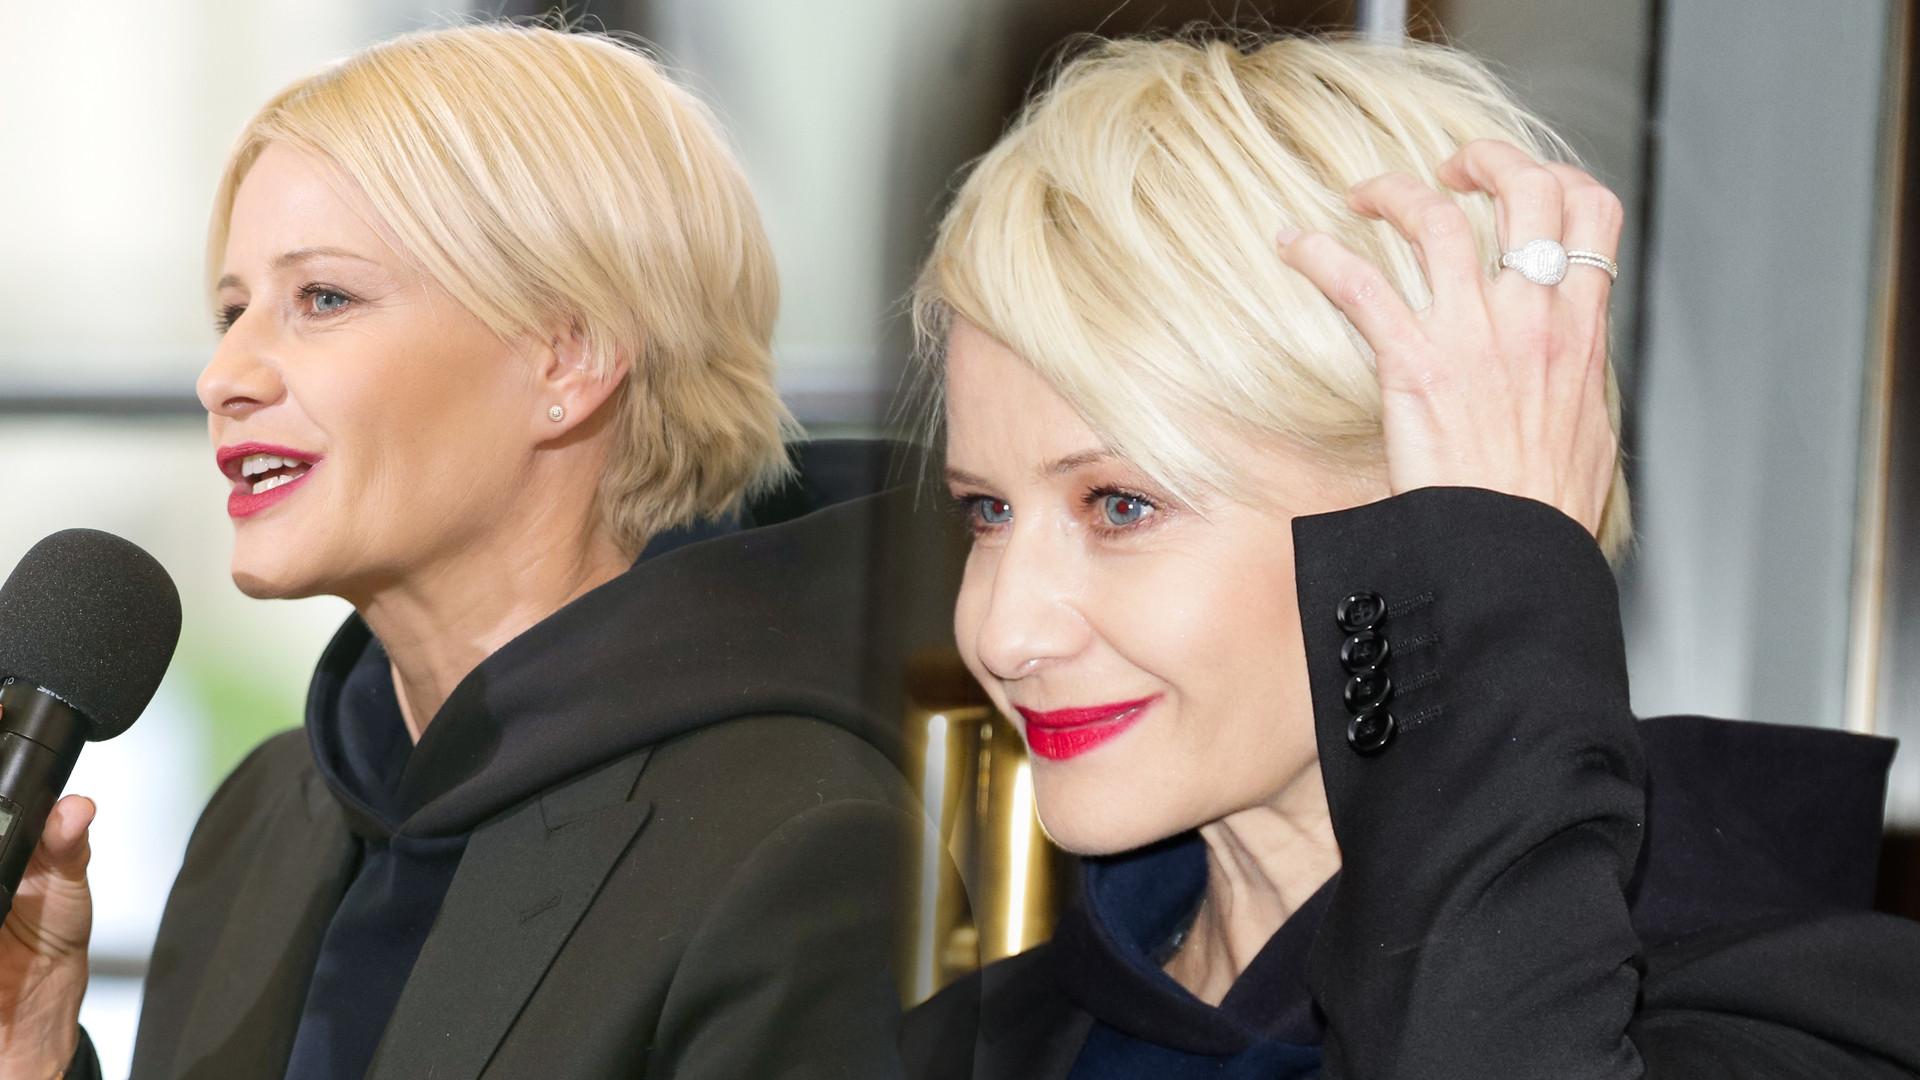 Małgorzata Kożuchowska pokazała się w NOWEJ FRYZURZE – fanki: wygląda pani jak 20-latka